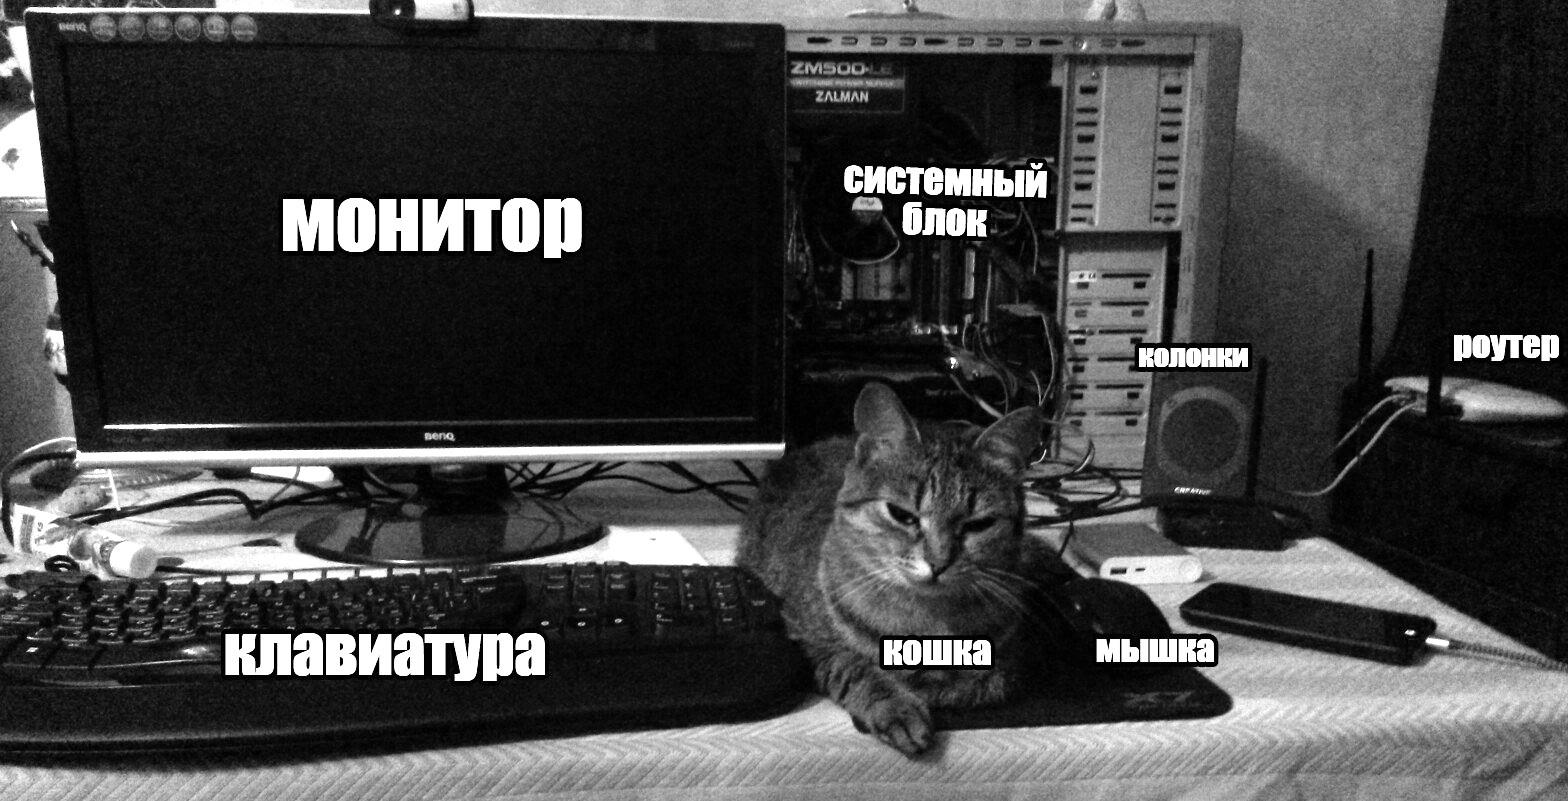 ustroystvo-kompyutera-dlya-chaynikov-razdevayut-devushek-na-ulitse-onlayn